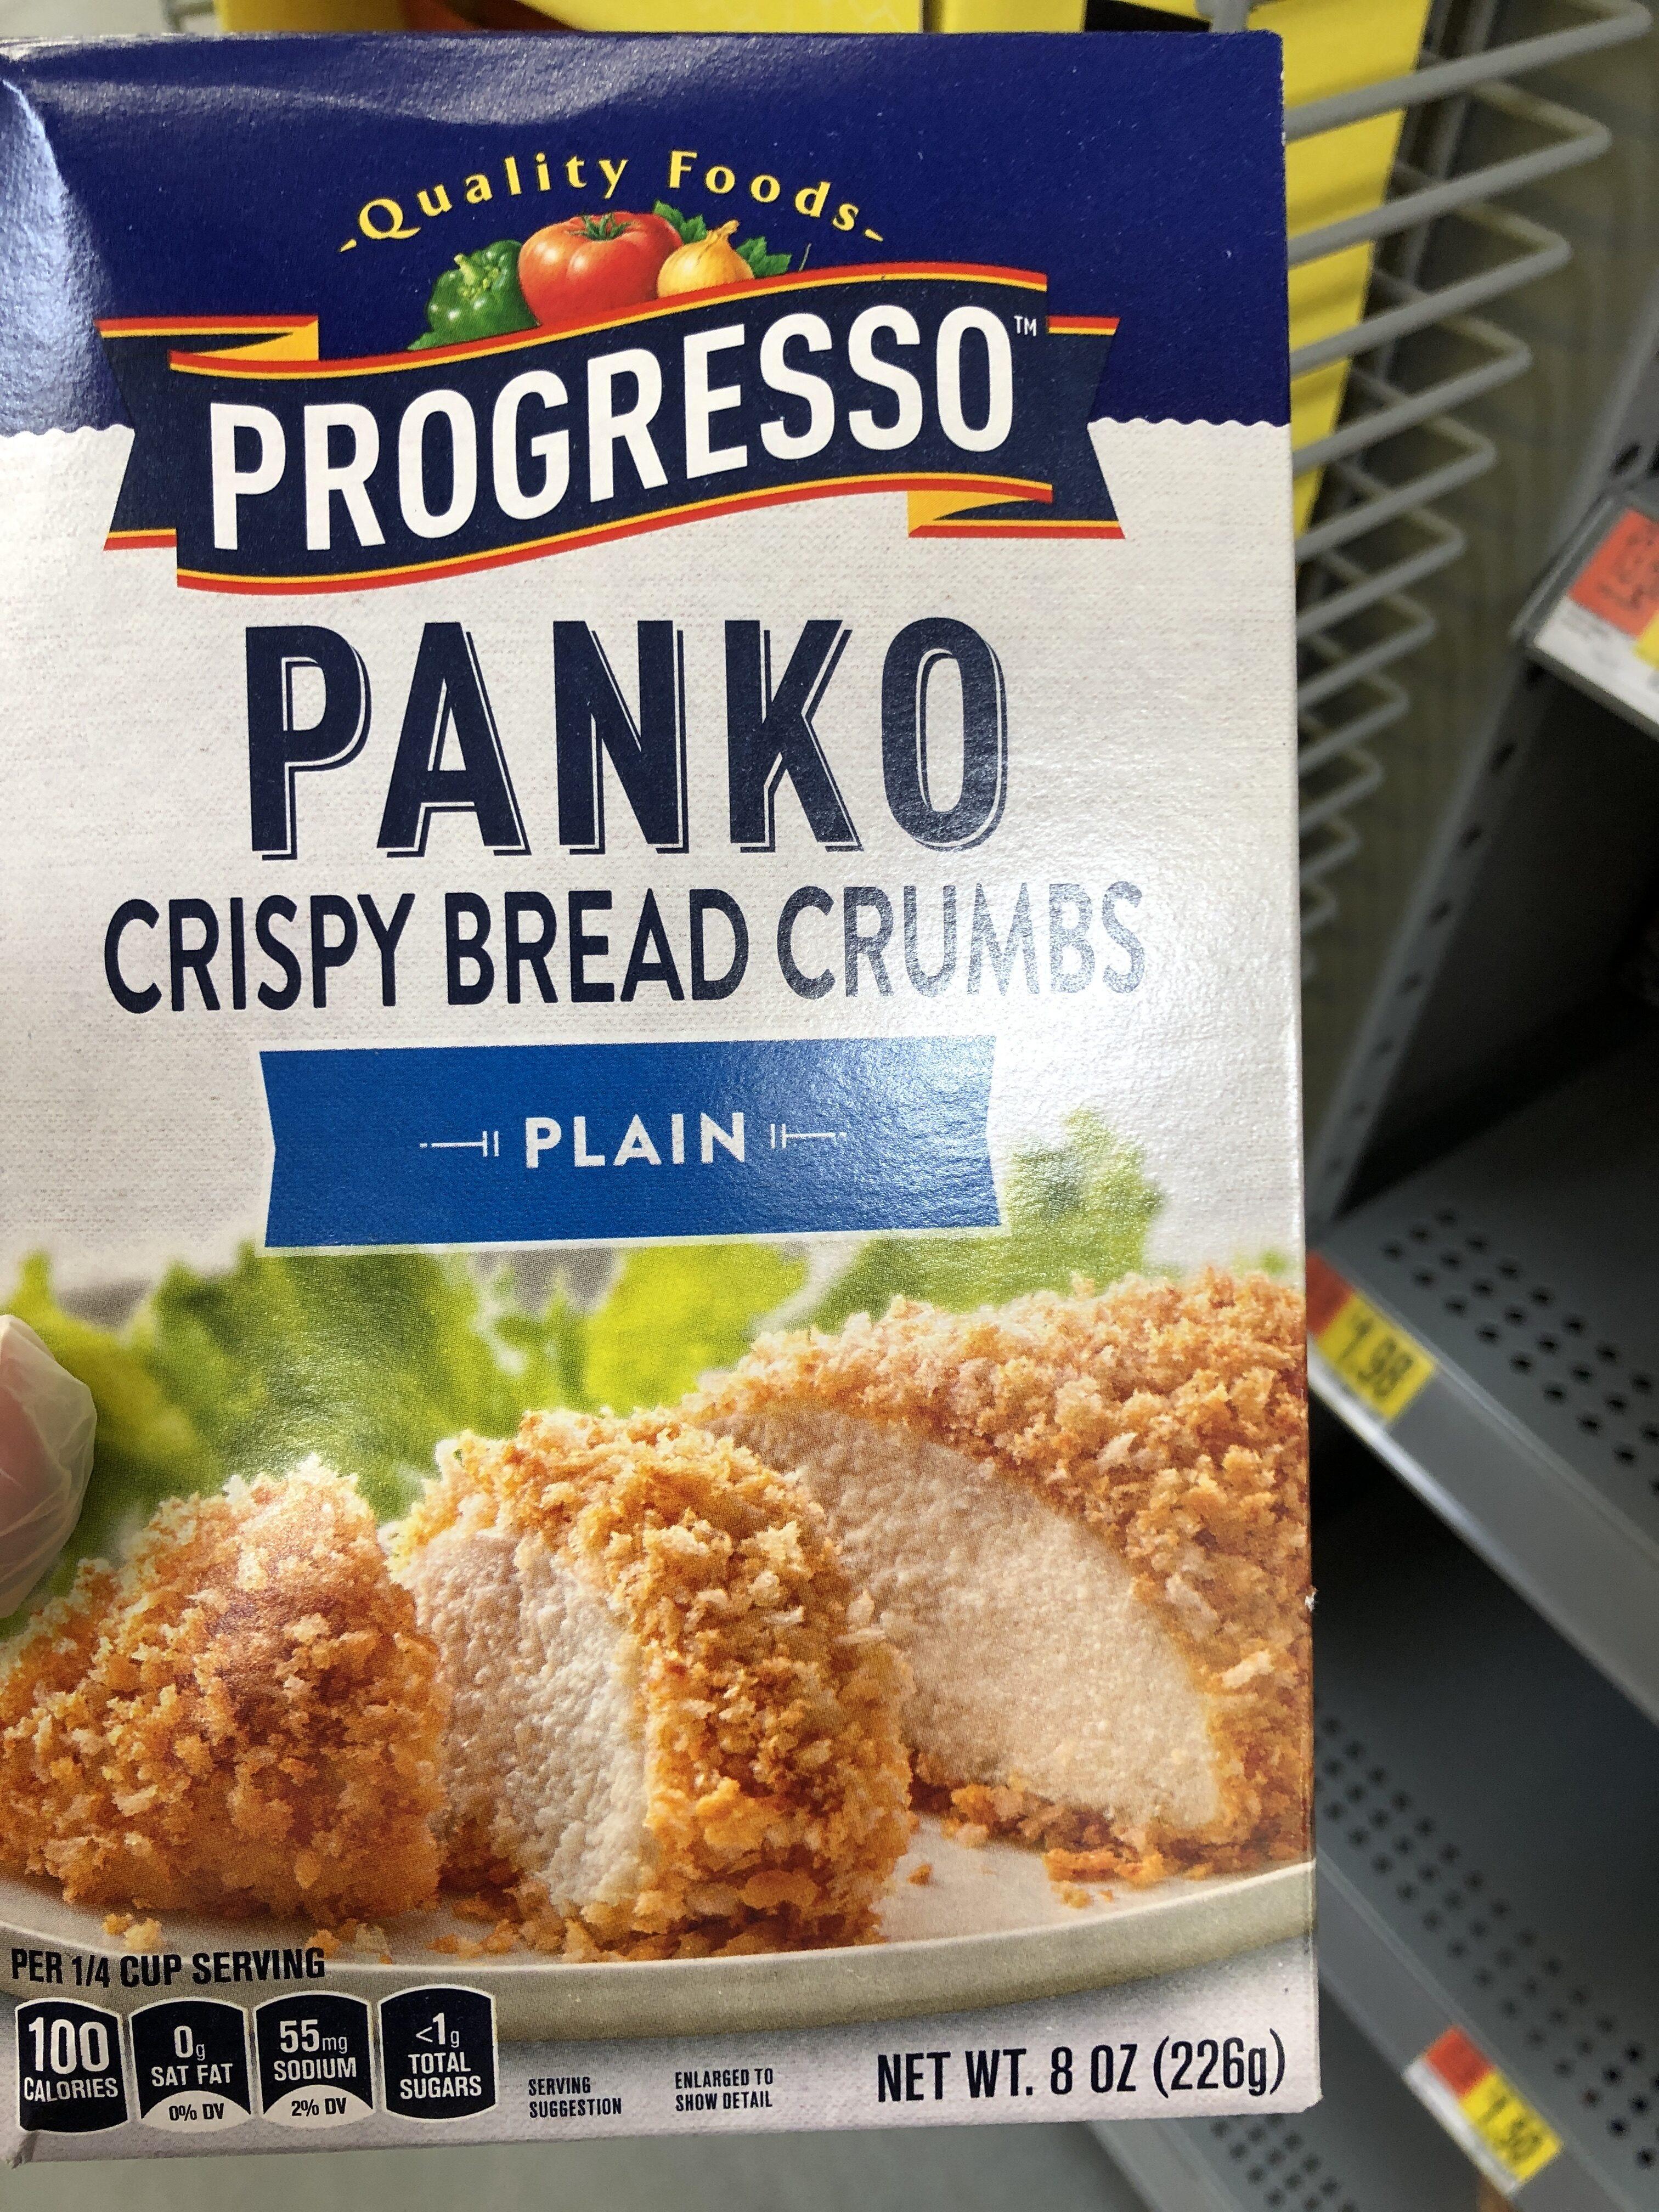 Progresso Plain Panko Crispy Breadcrumbs - Product - en